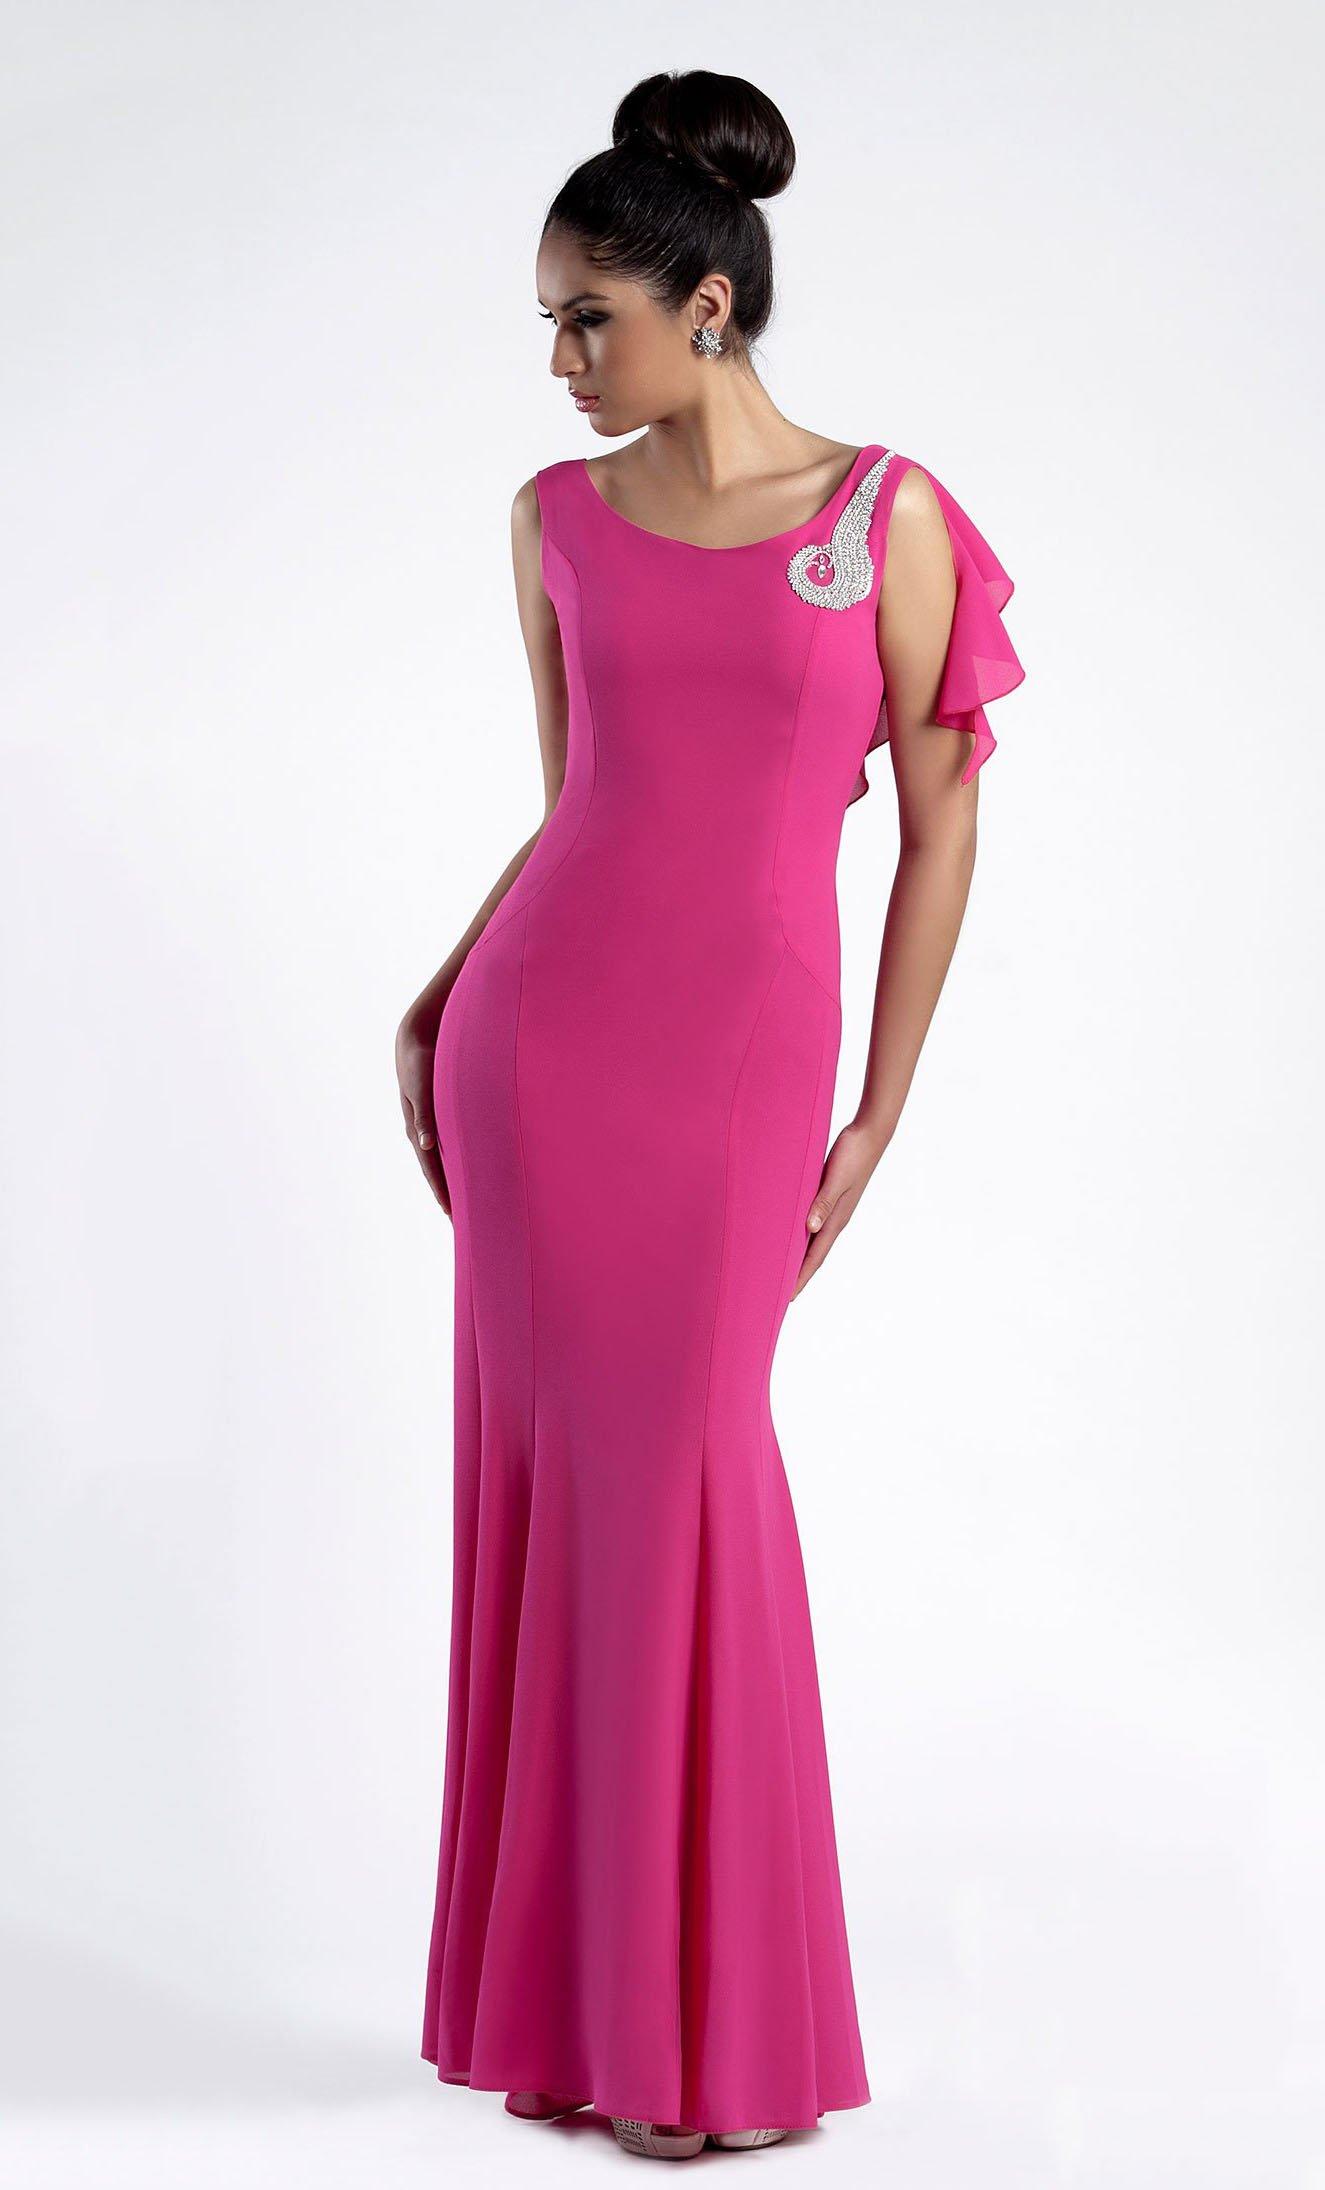 Comprar Online MONCHO HEREDIA Vestidos de Fiesta y Cóctel Moda ...